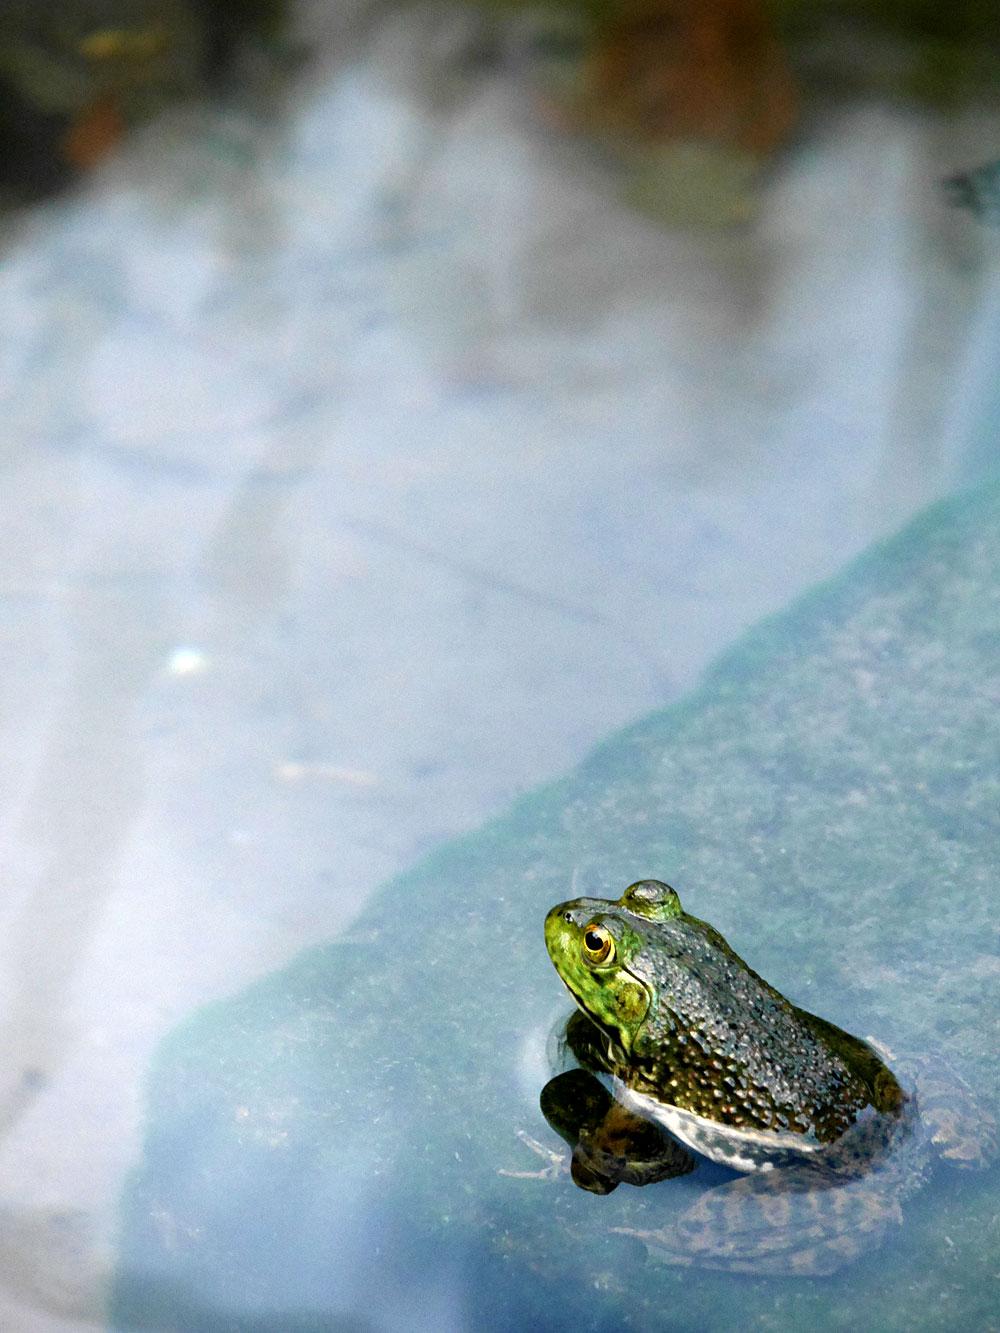 望遠レンズでウシガエルを撮影 画像